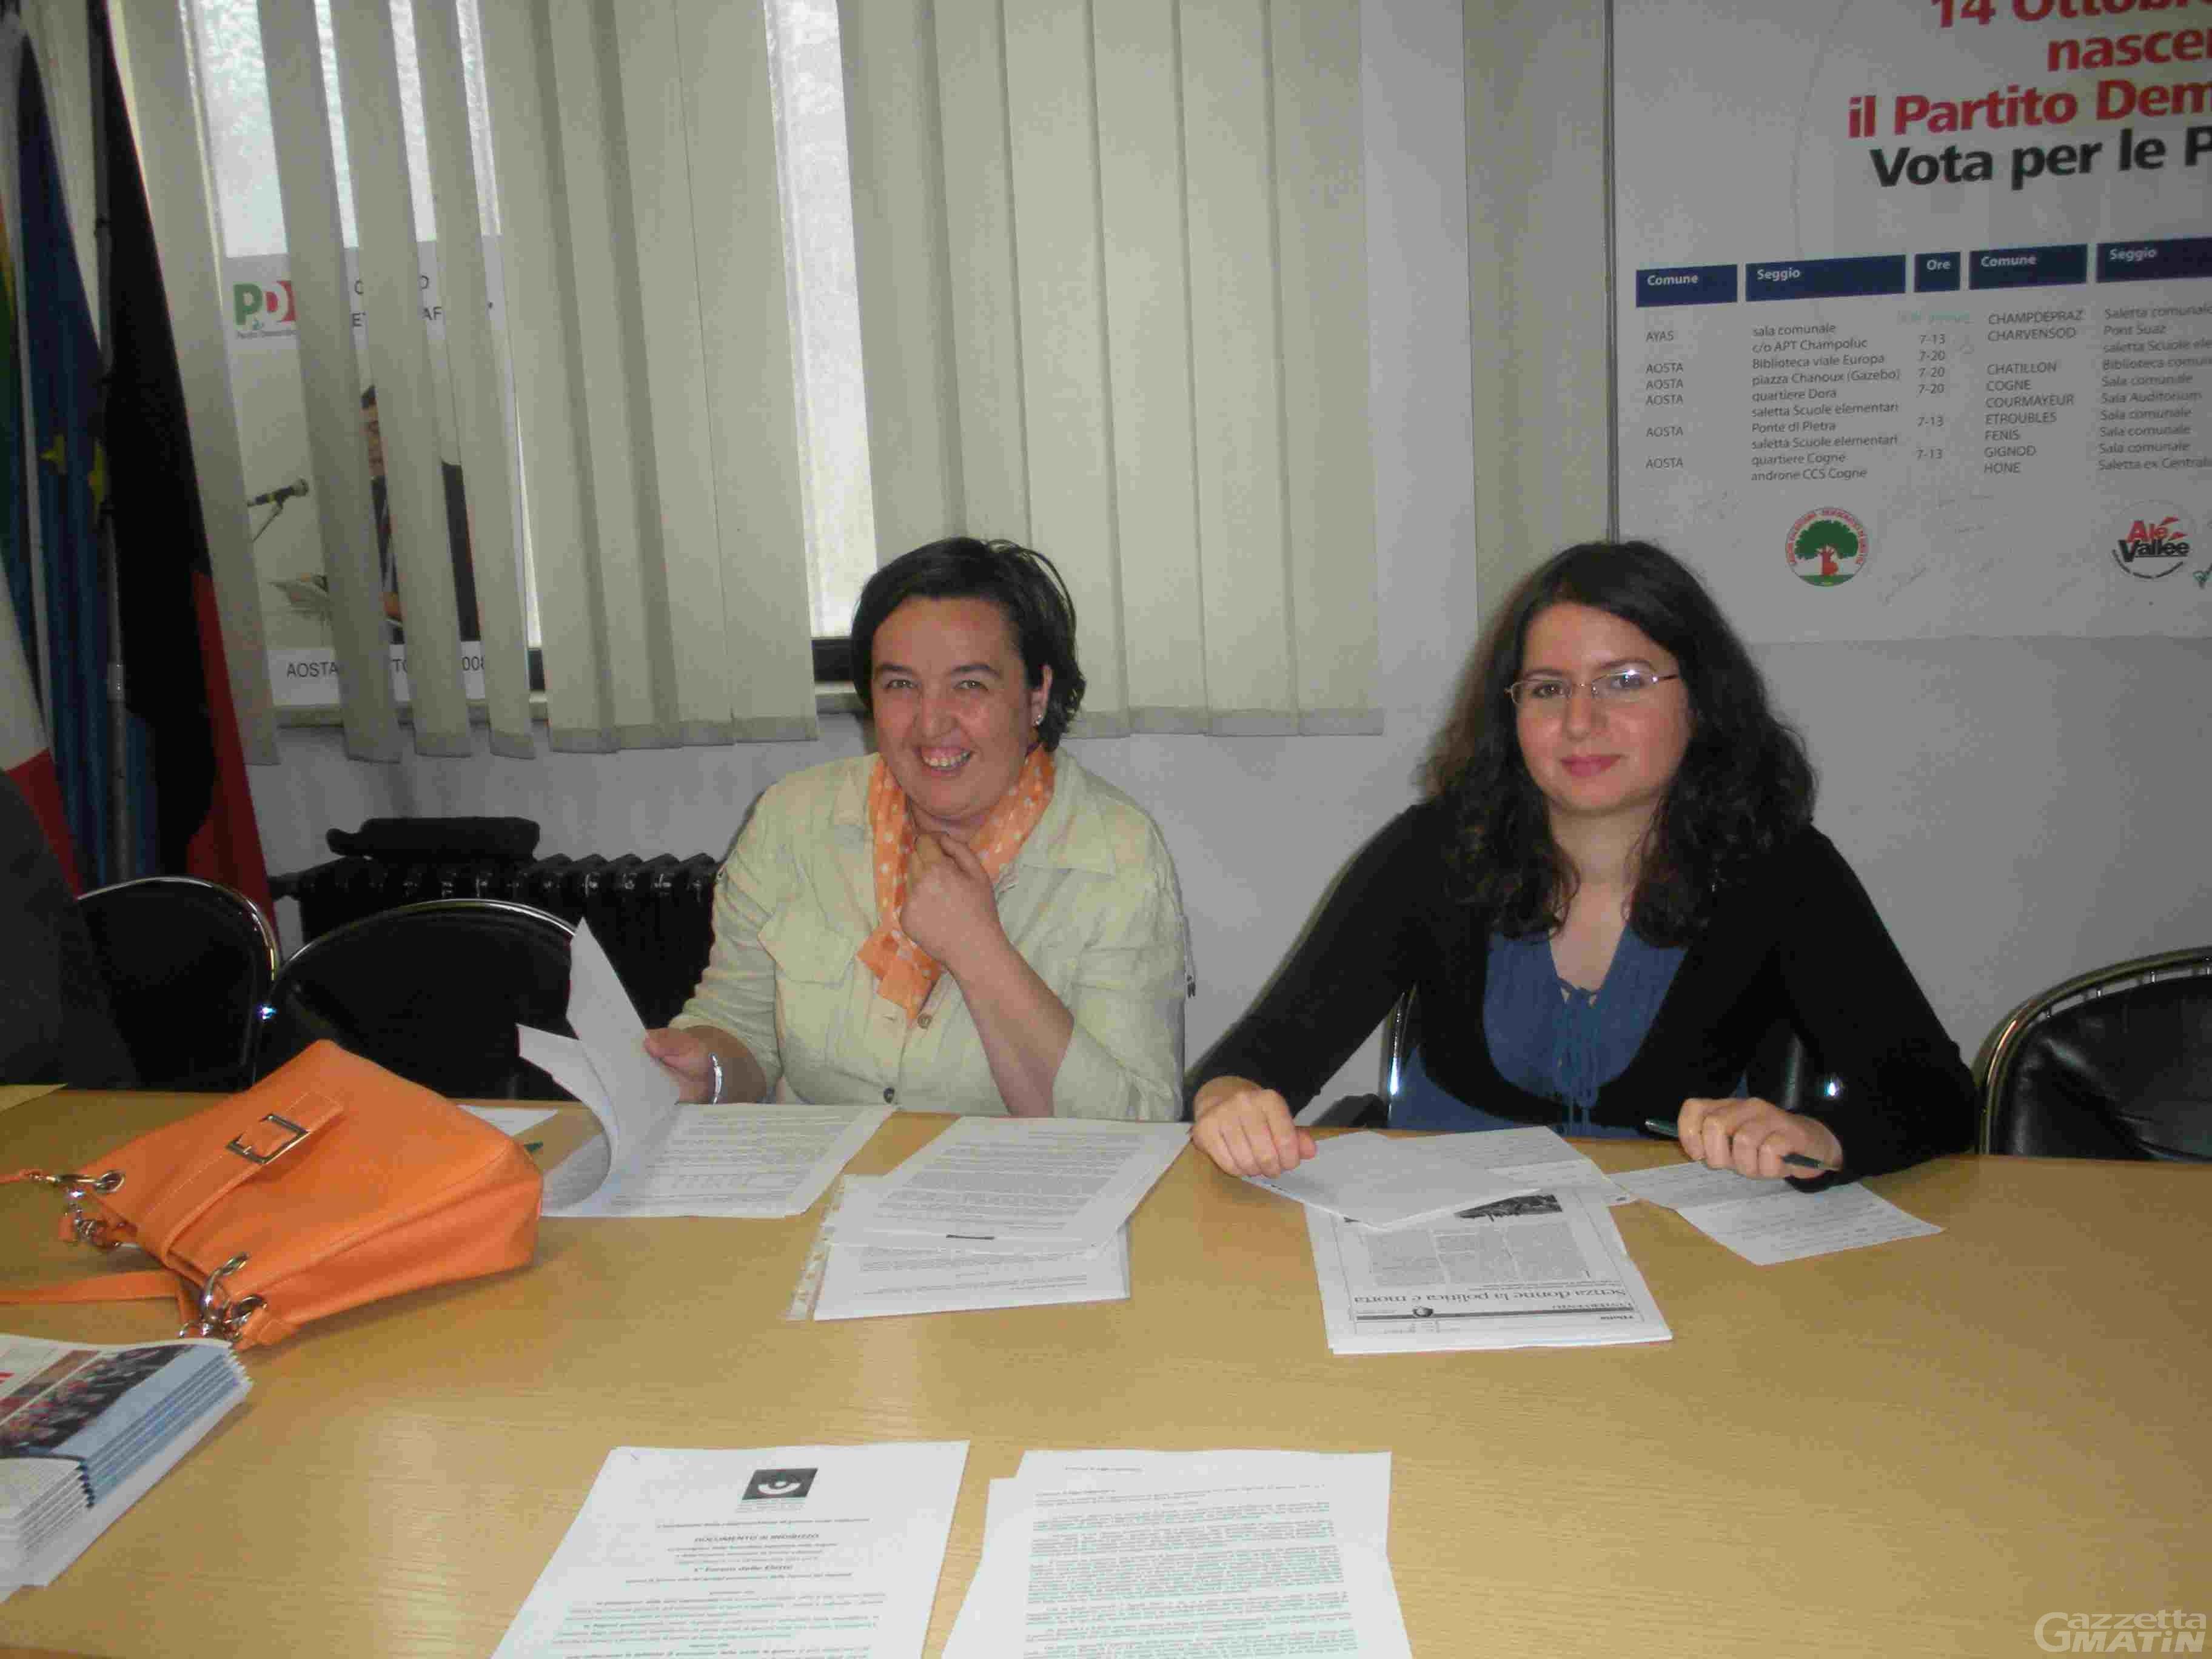 Pd, una proposta di legge per più donne in politica